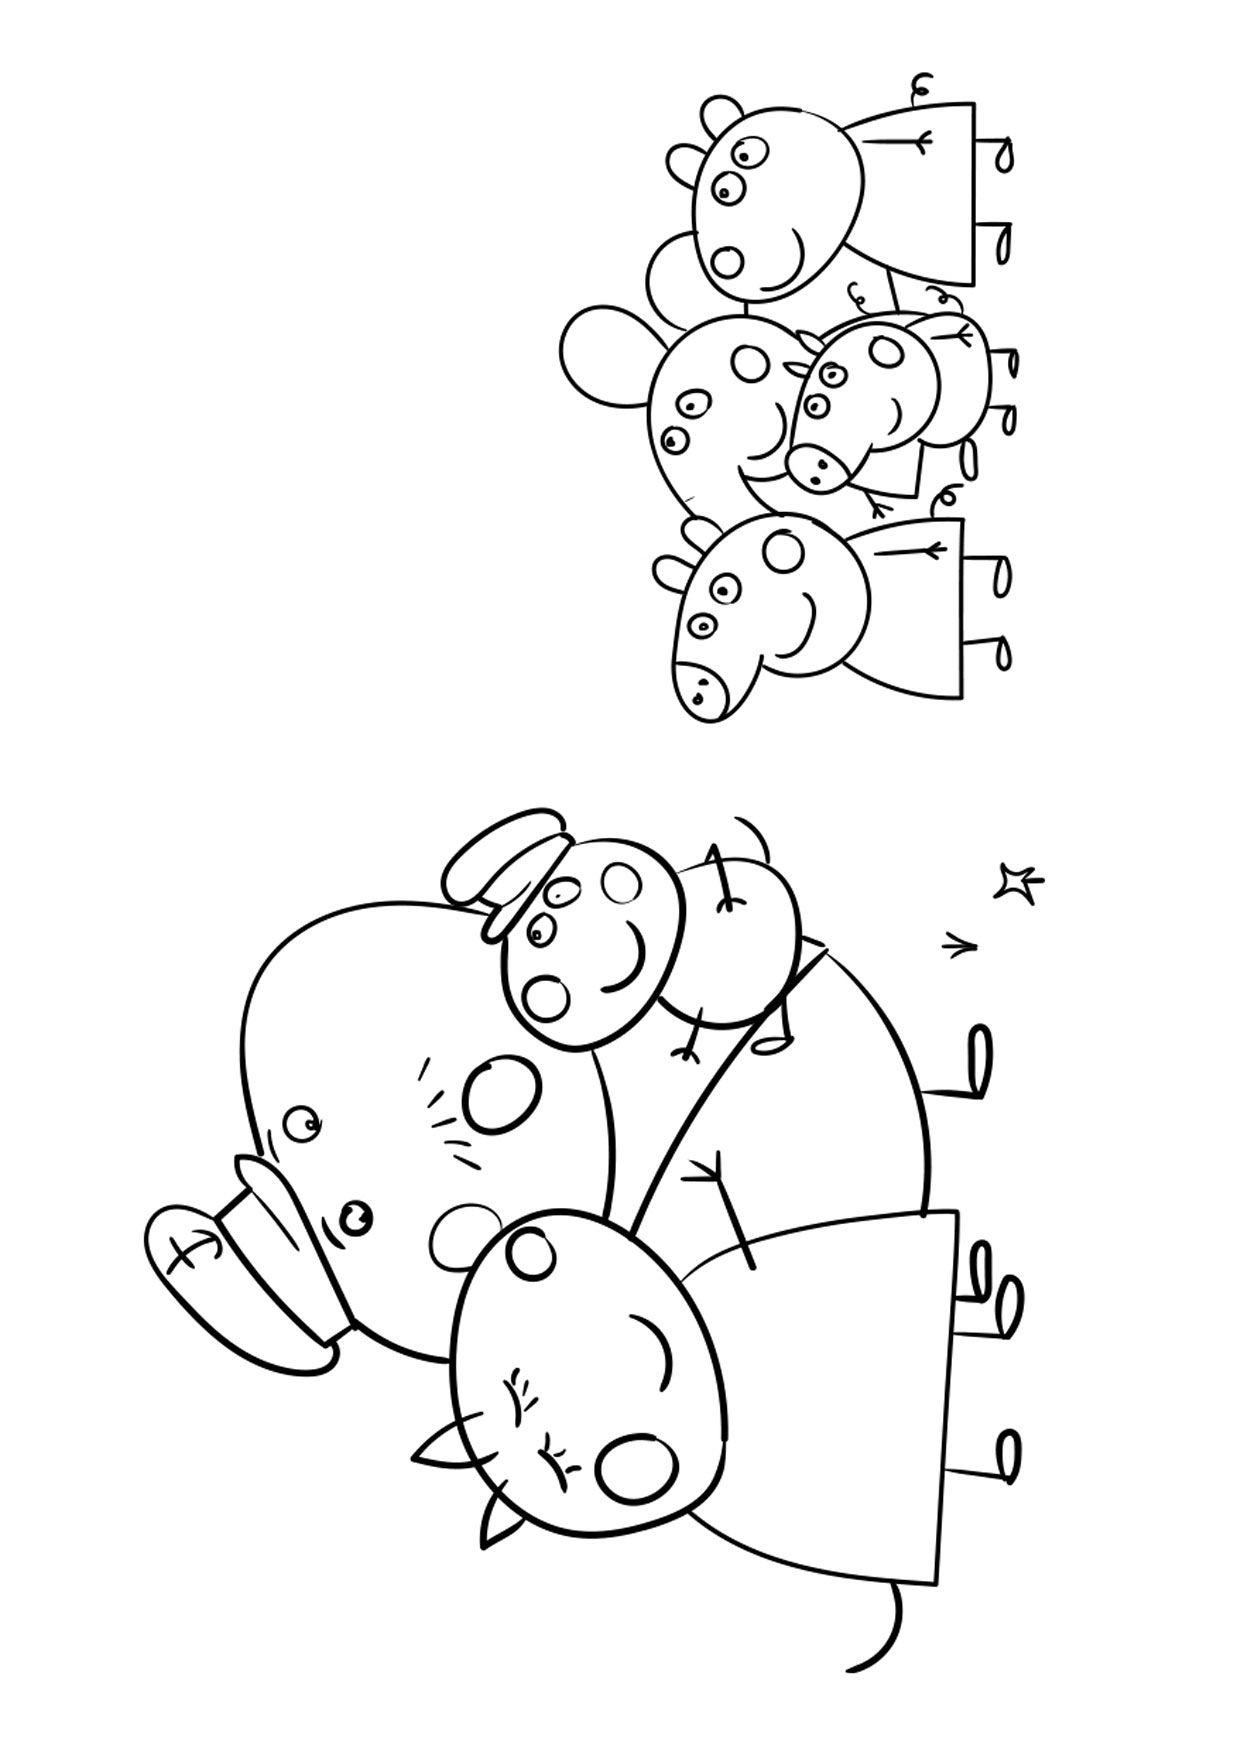 54 Disegni Di Peppa Pig Da Colorare Nel 2020 Peppa Pig Disegni Peppa